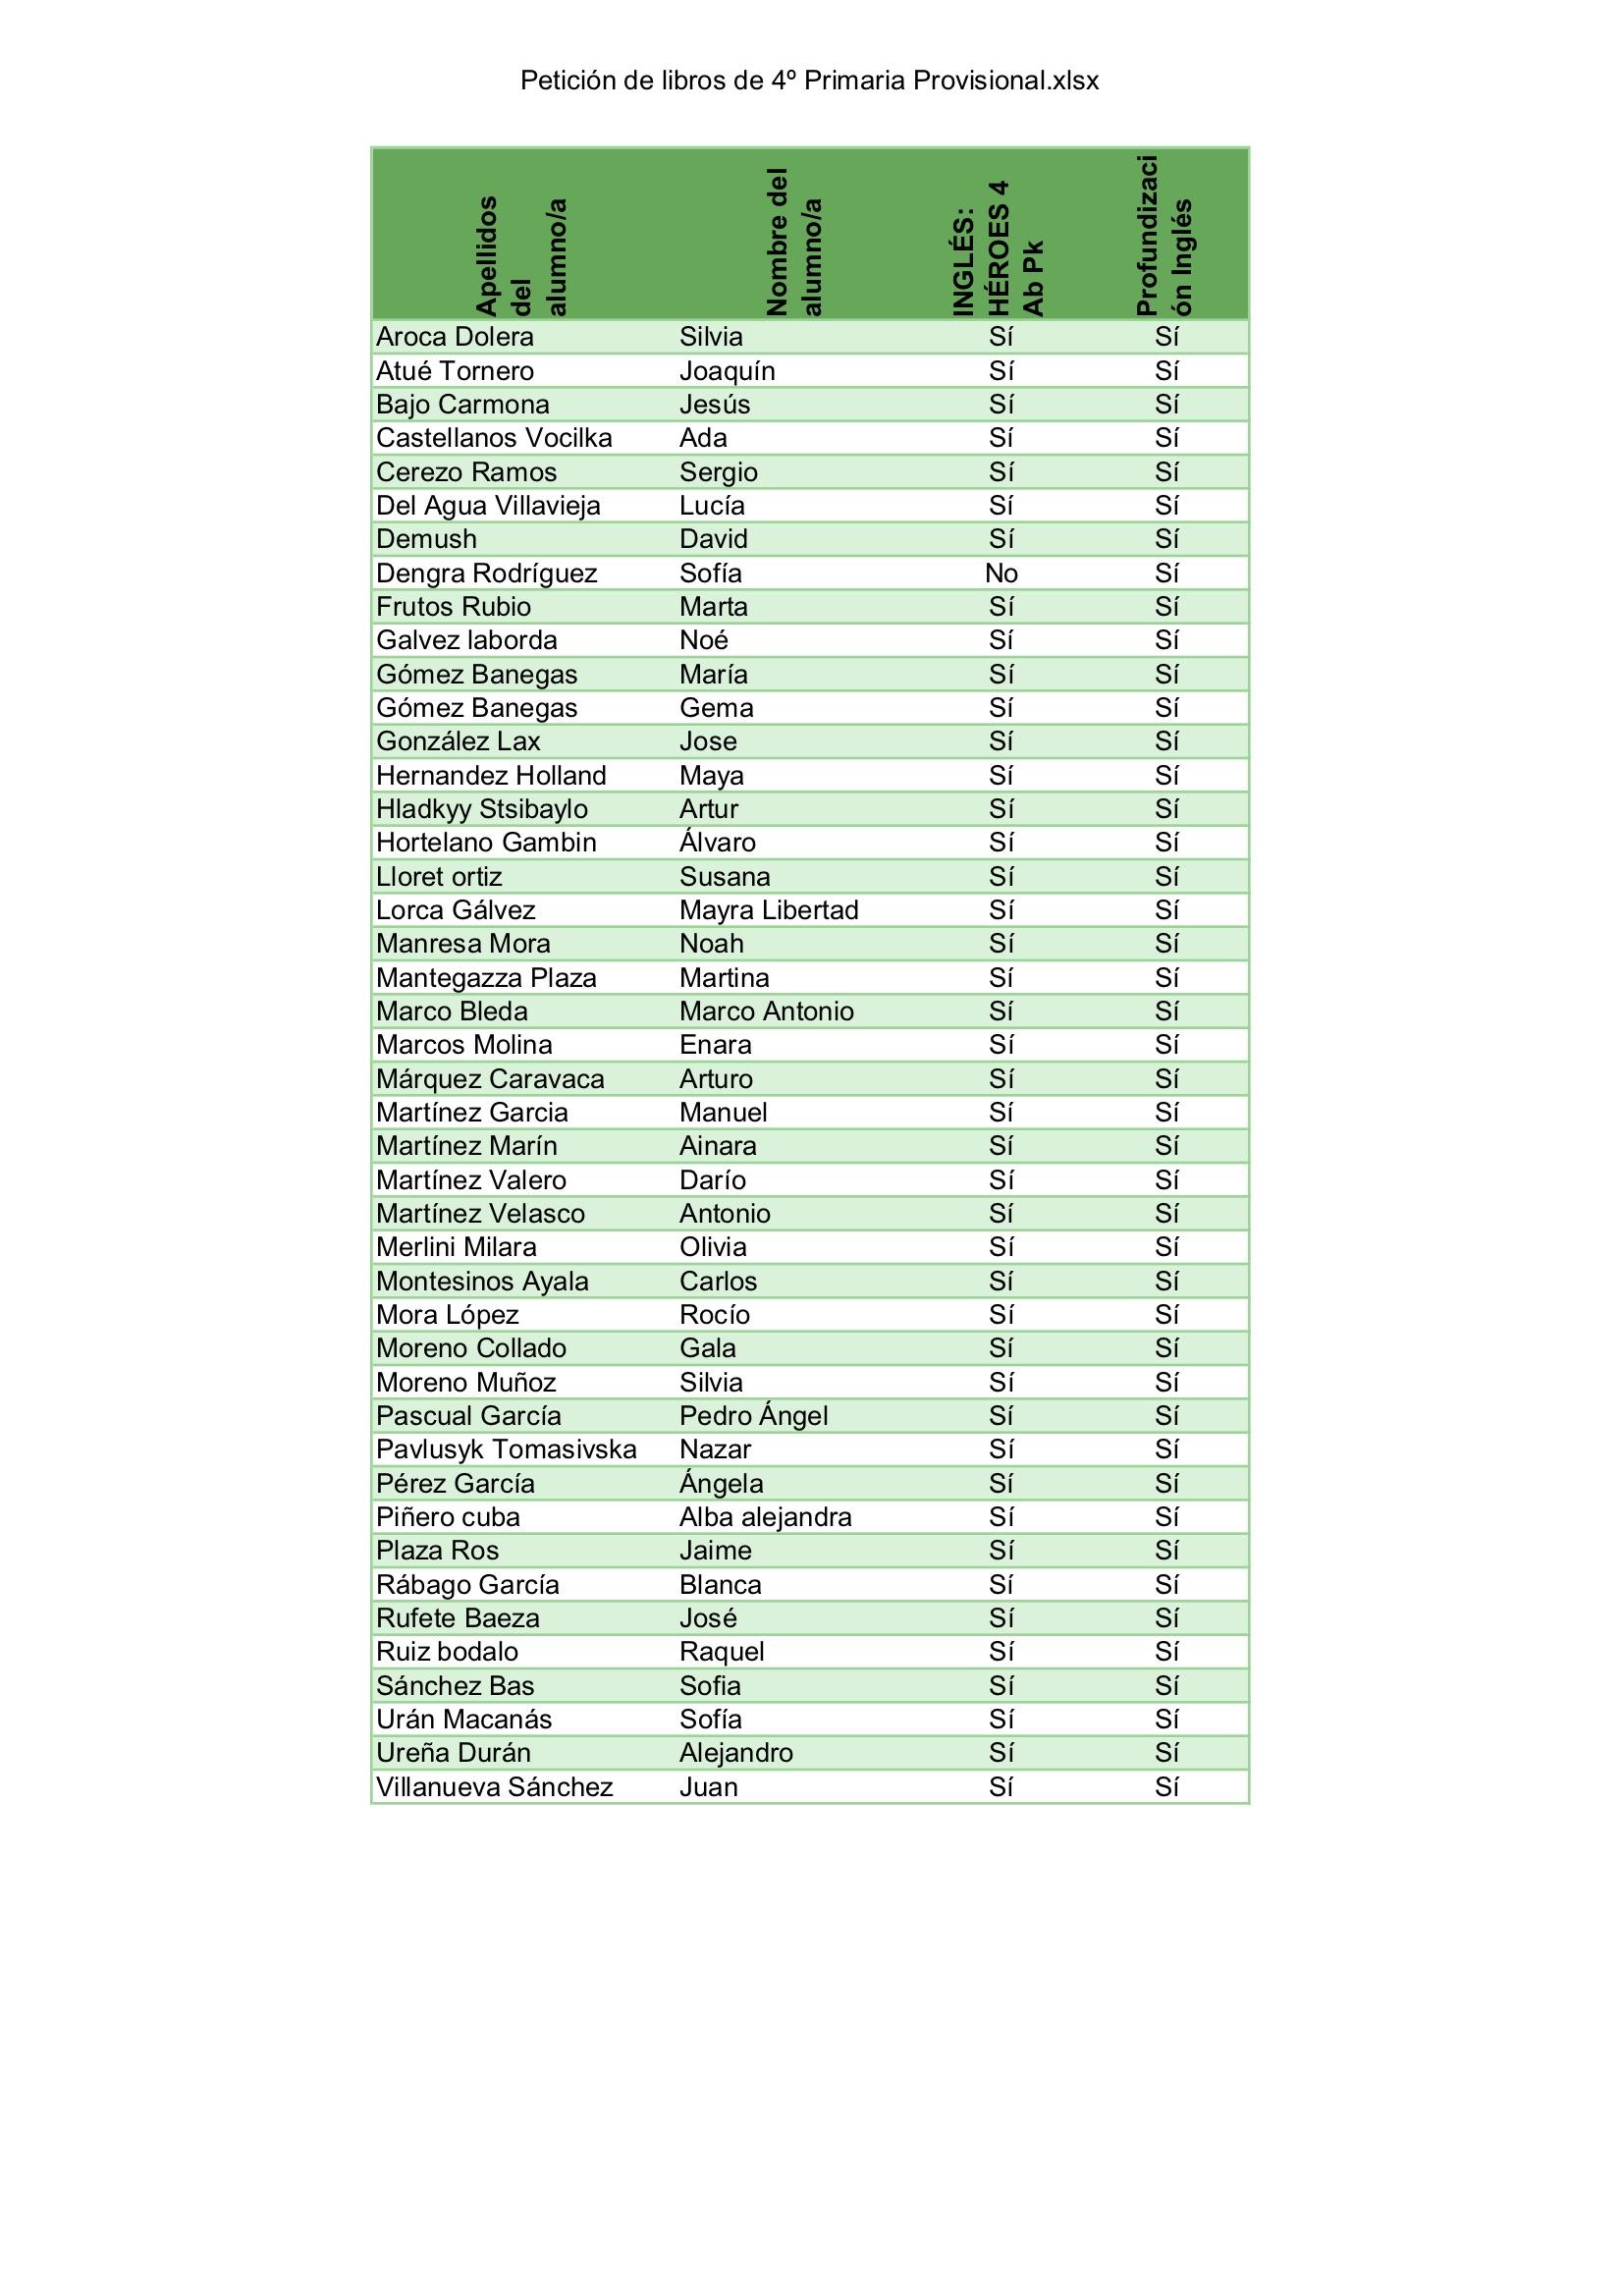 Petición de libros de 4º Primaria Provisional